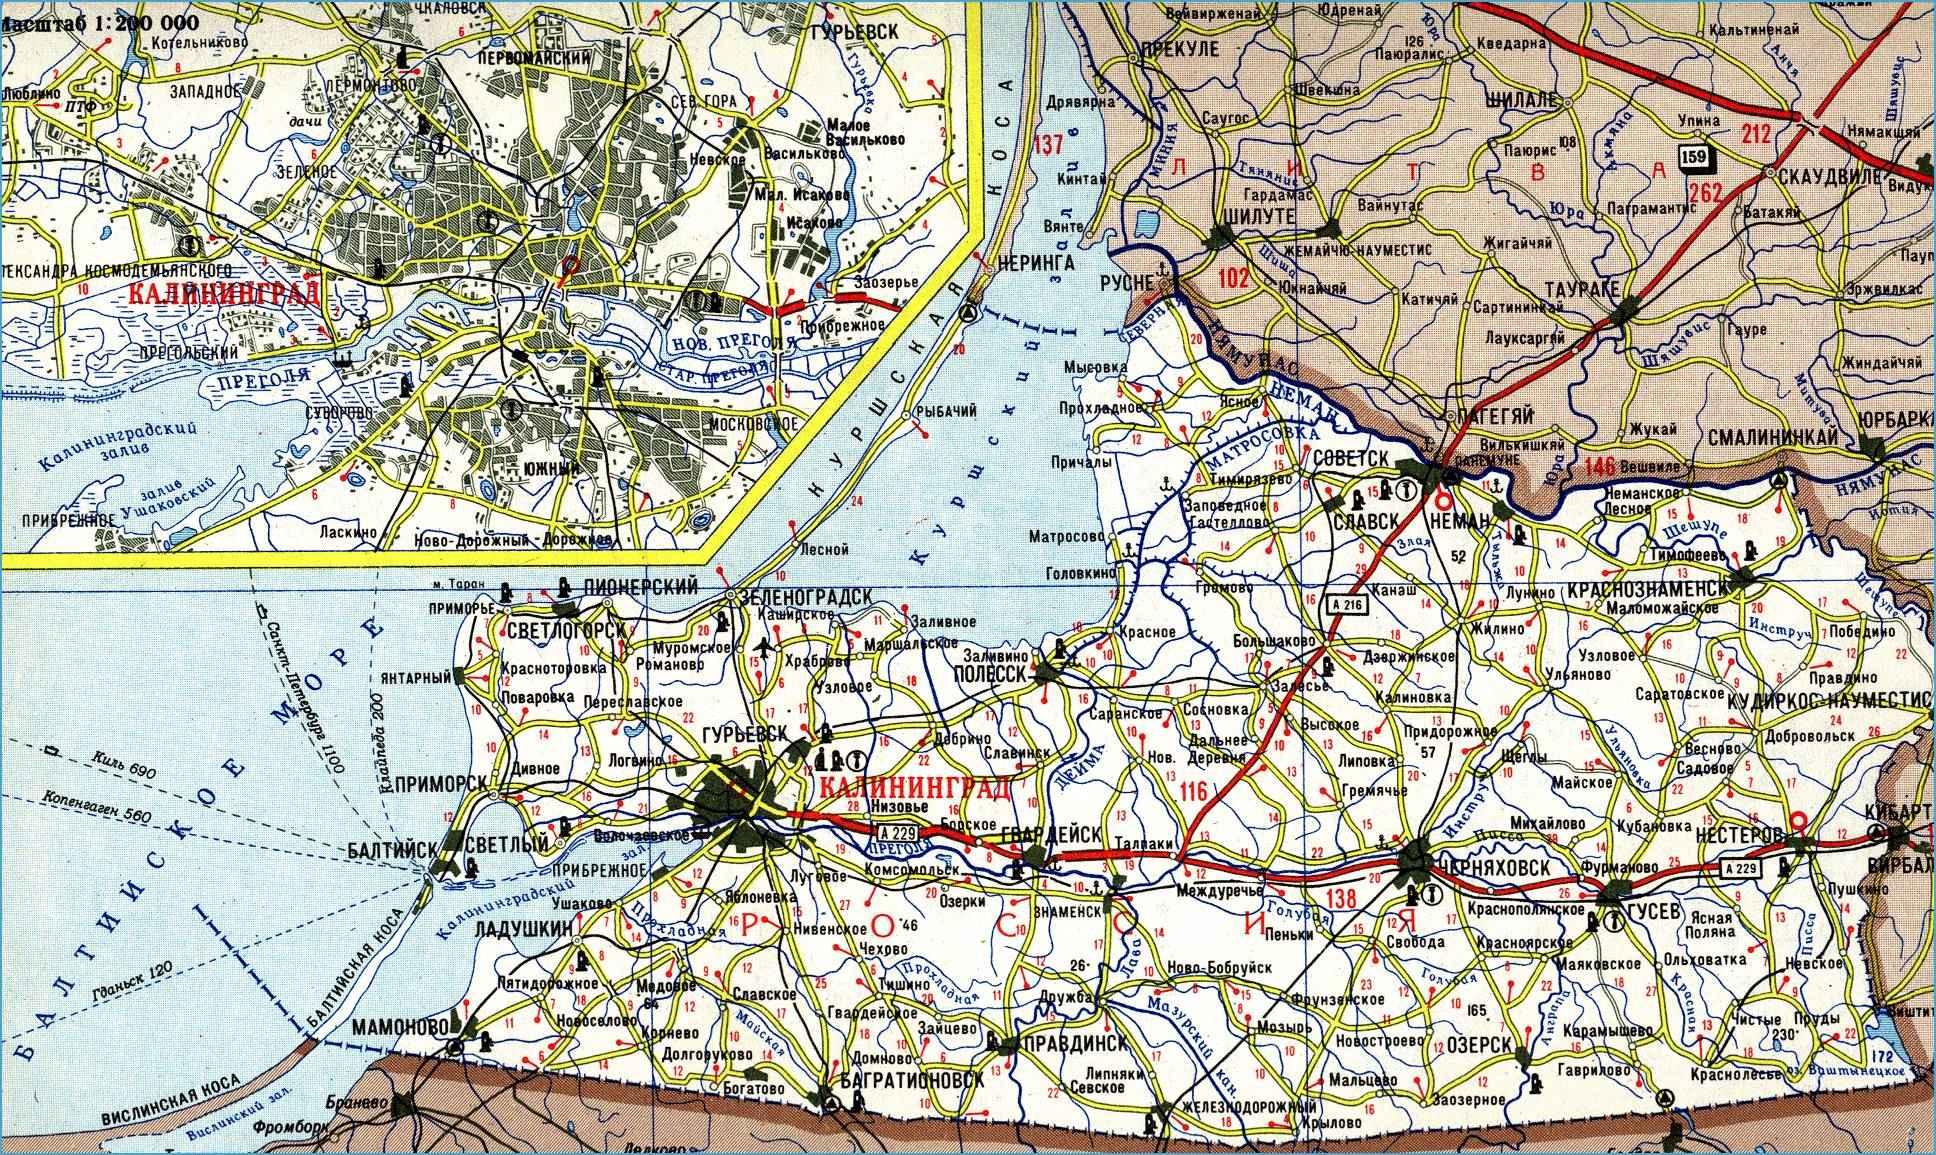 Карта автодорог Калининградской области